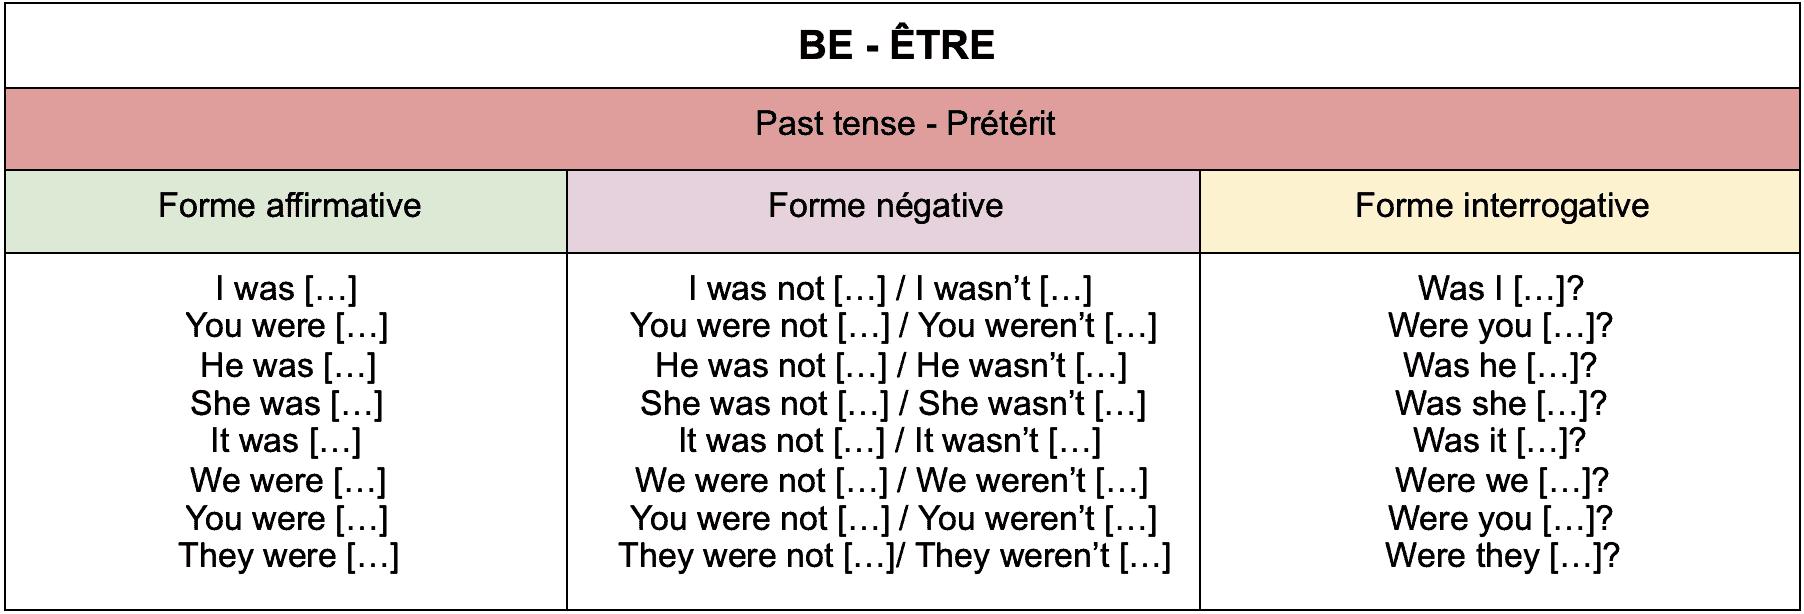 Tableau de conjugaison du verbe être au passé aux formes affirmative, interrogative et négative.